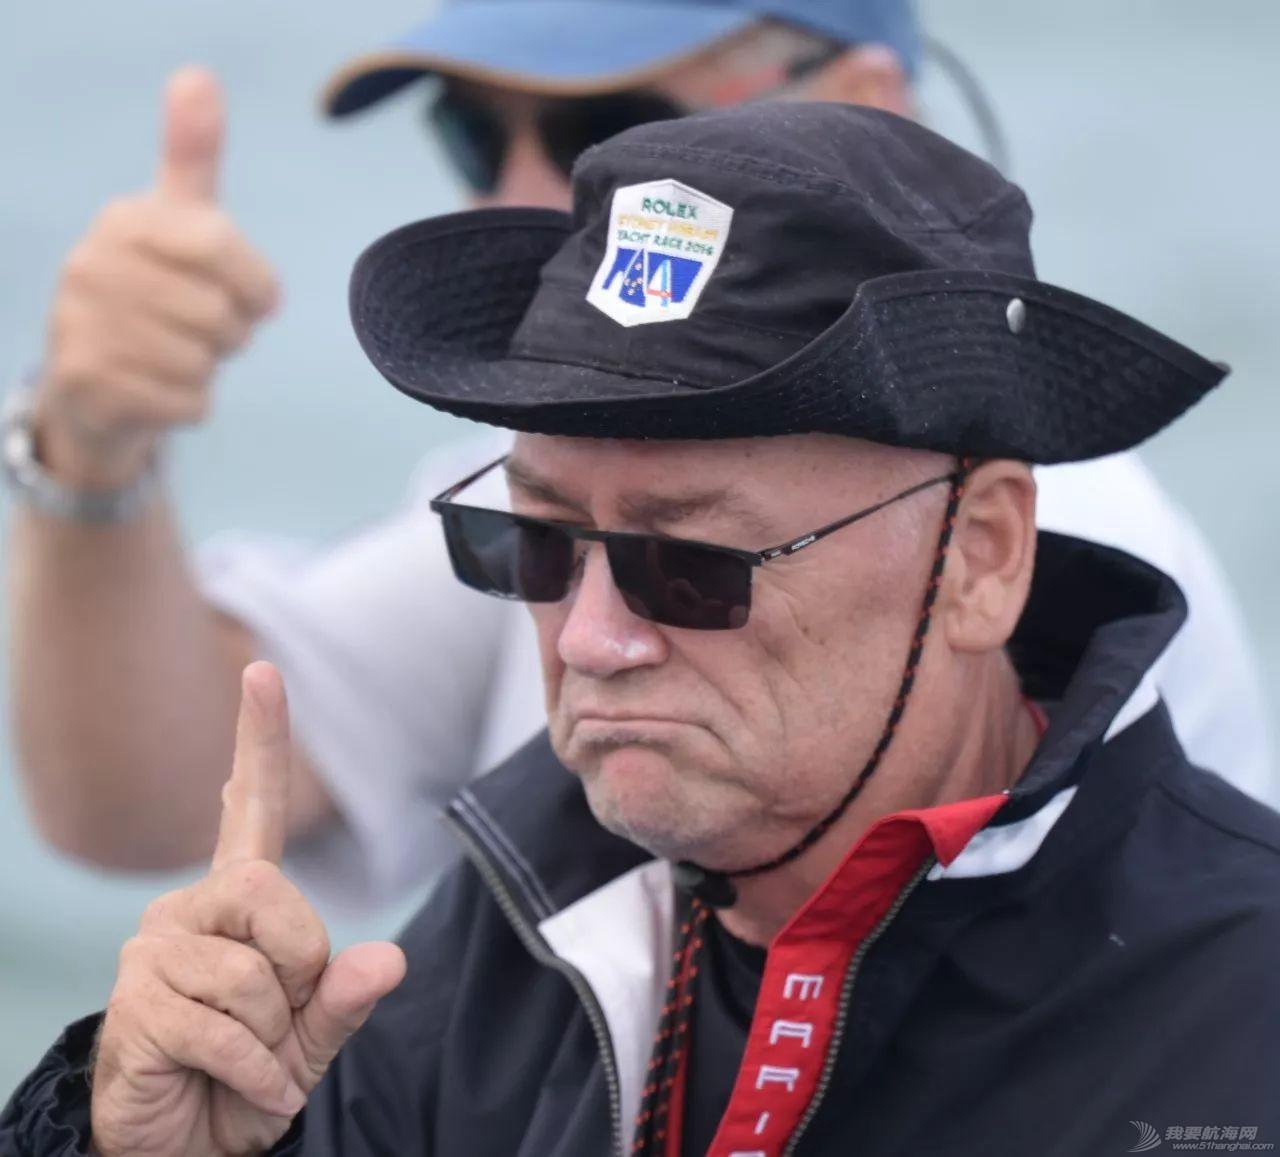 什么样的路,可谓巅峰之路!俱乐部杯成就中国帆船运动实力之冠w7.jpg